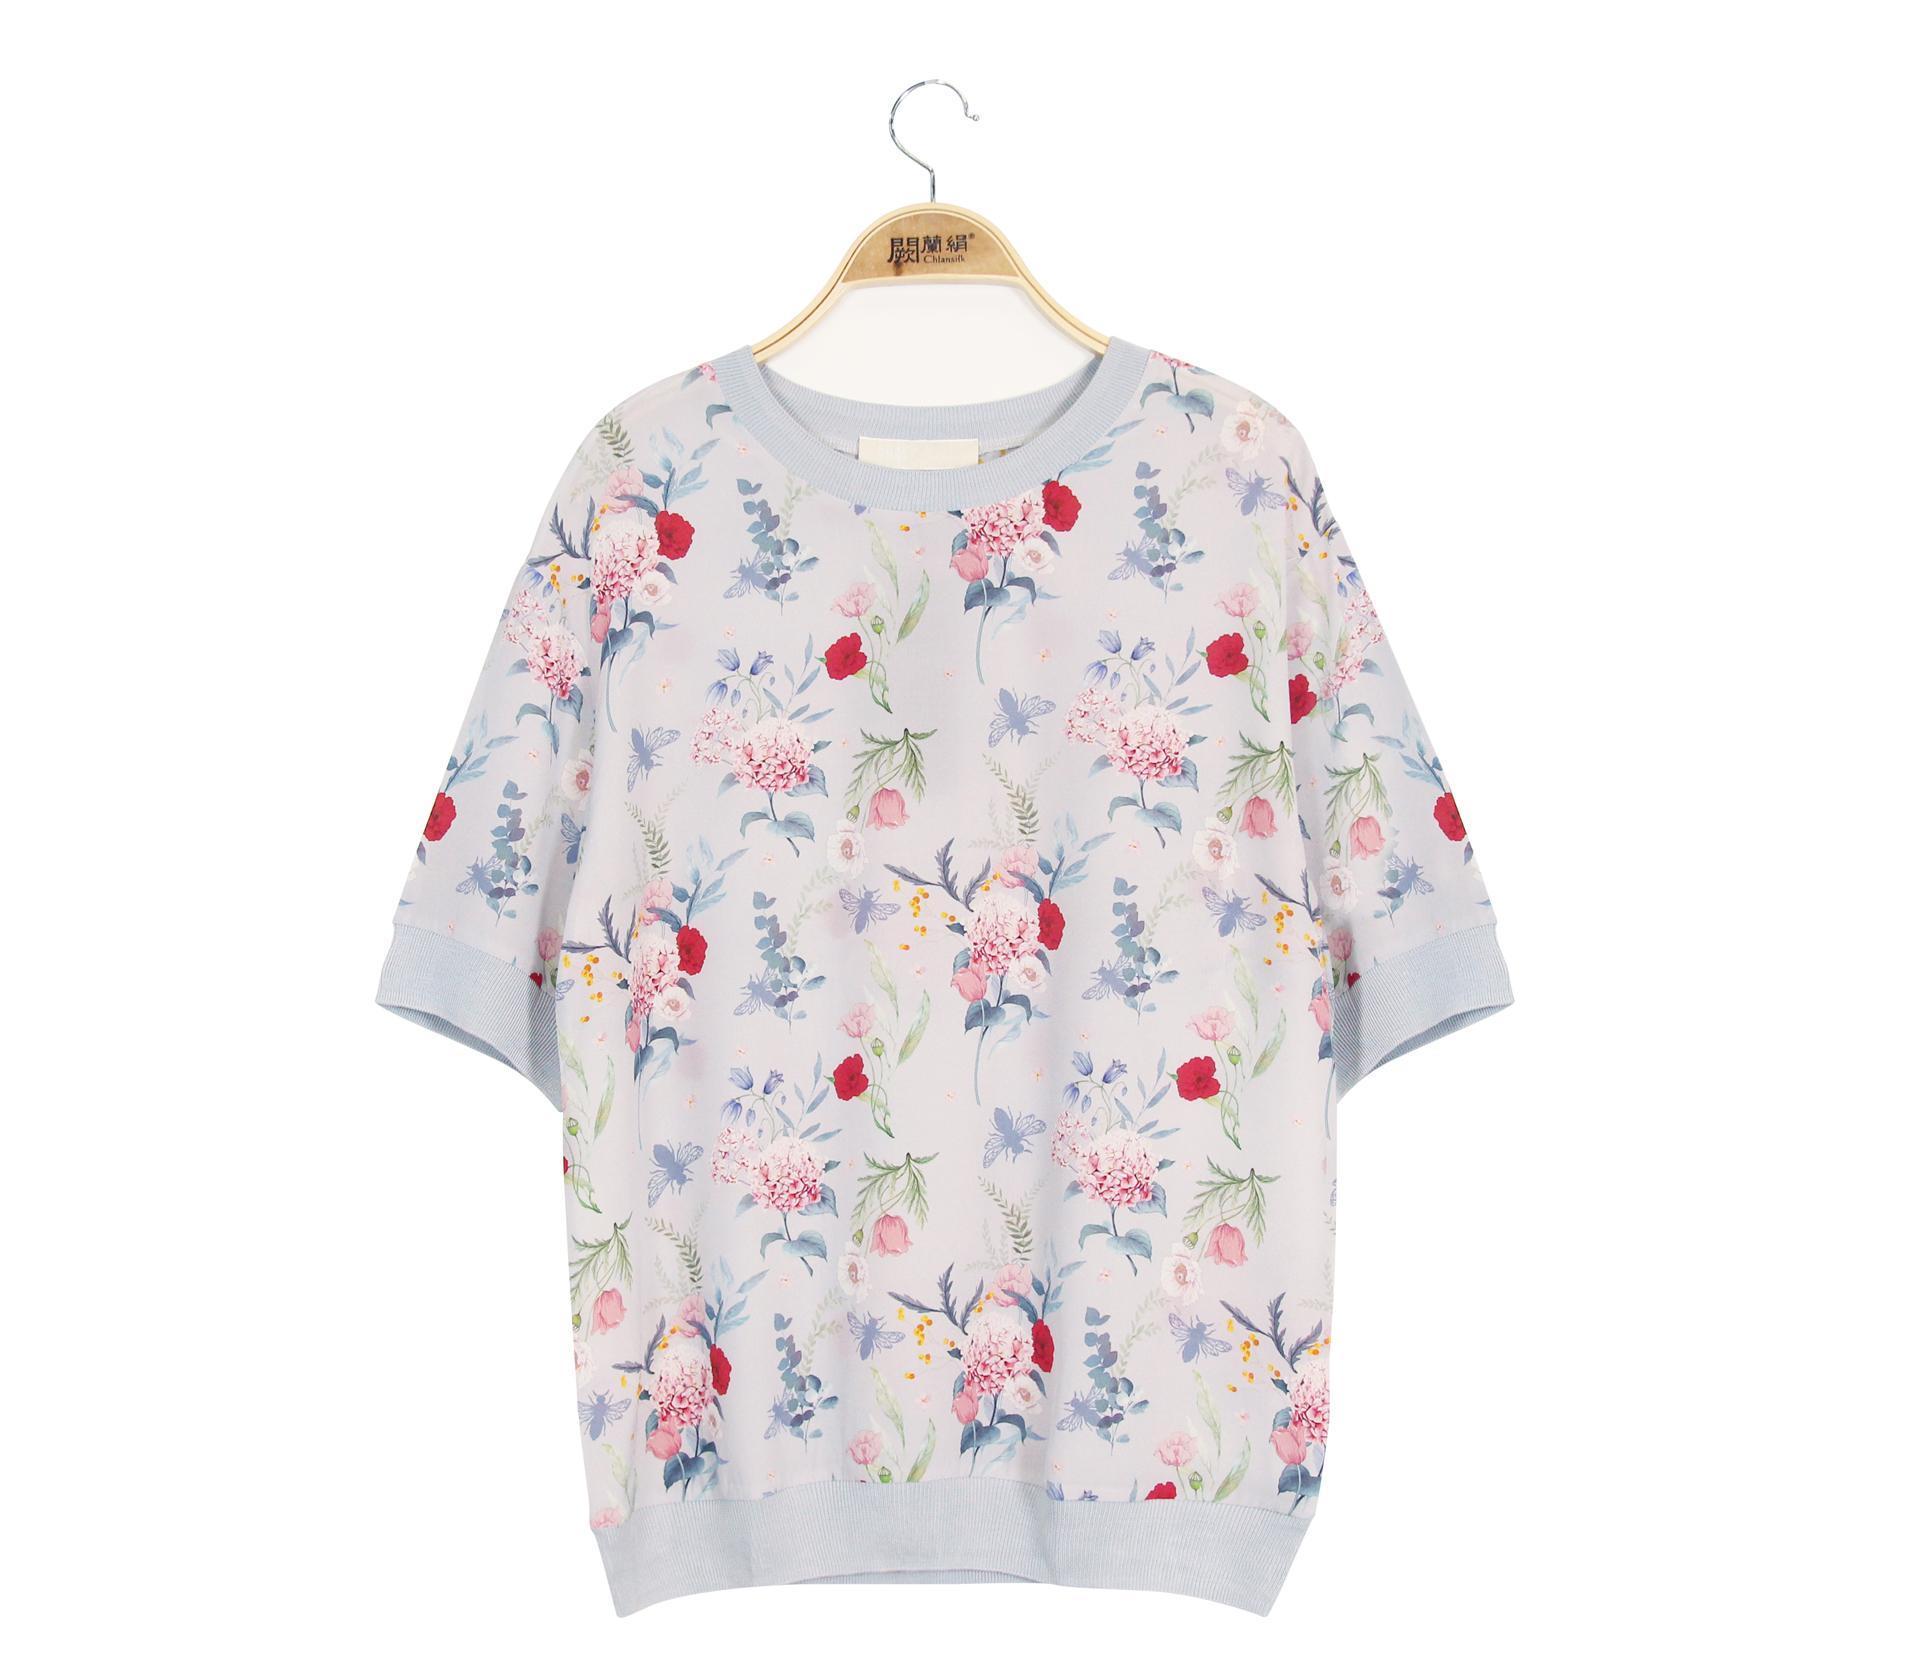 闕蘭絹唯美花朵100%蠶絲雙縐上衣 - 灰色 - 6645